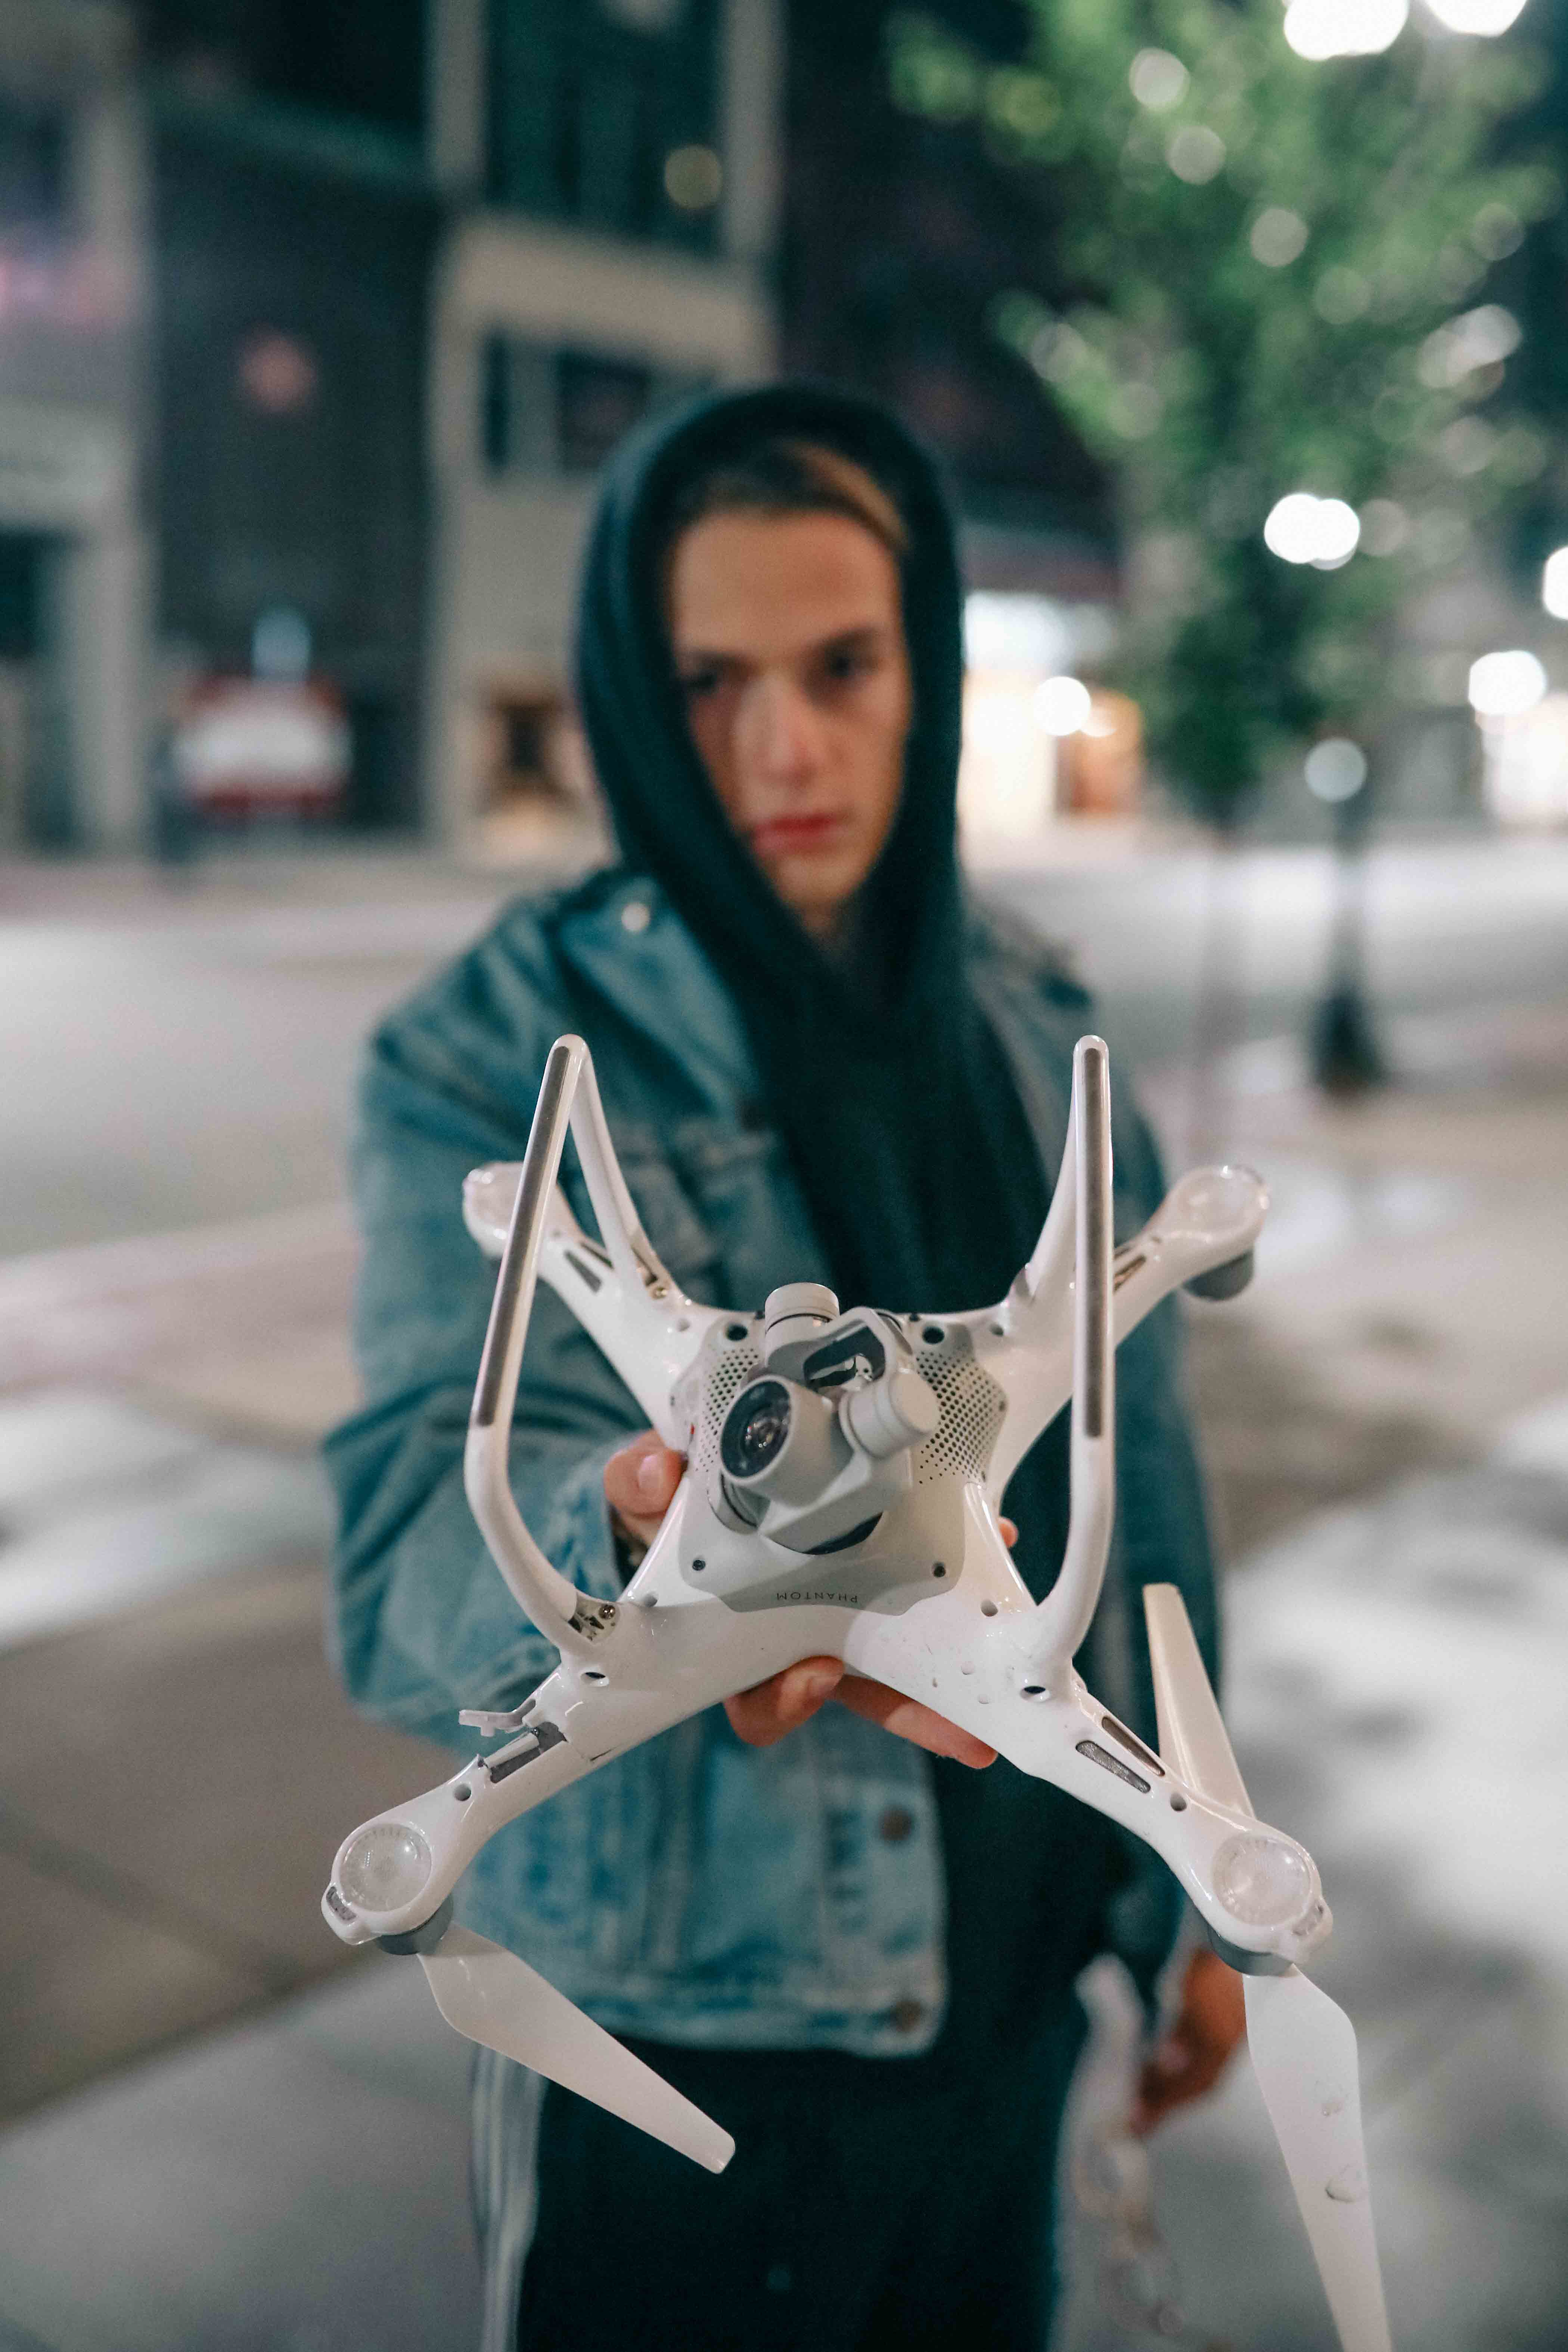 Kal Drone